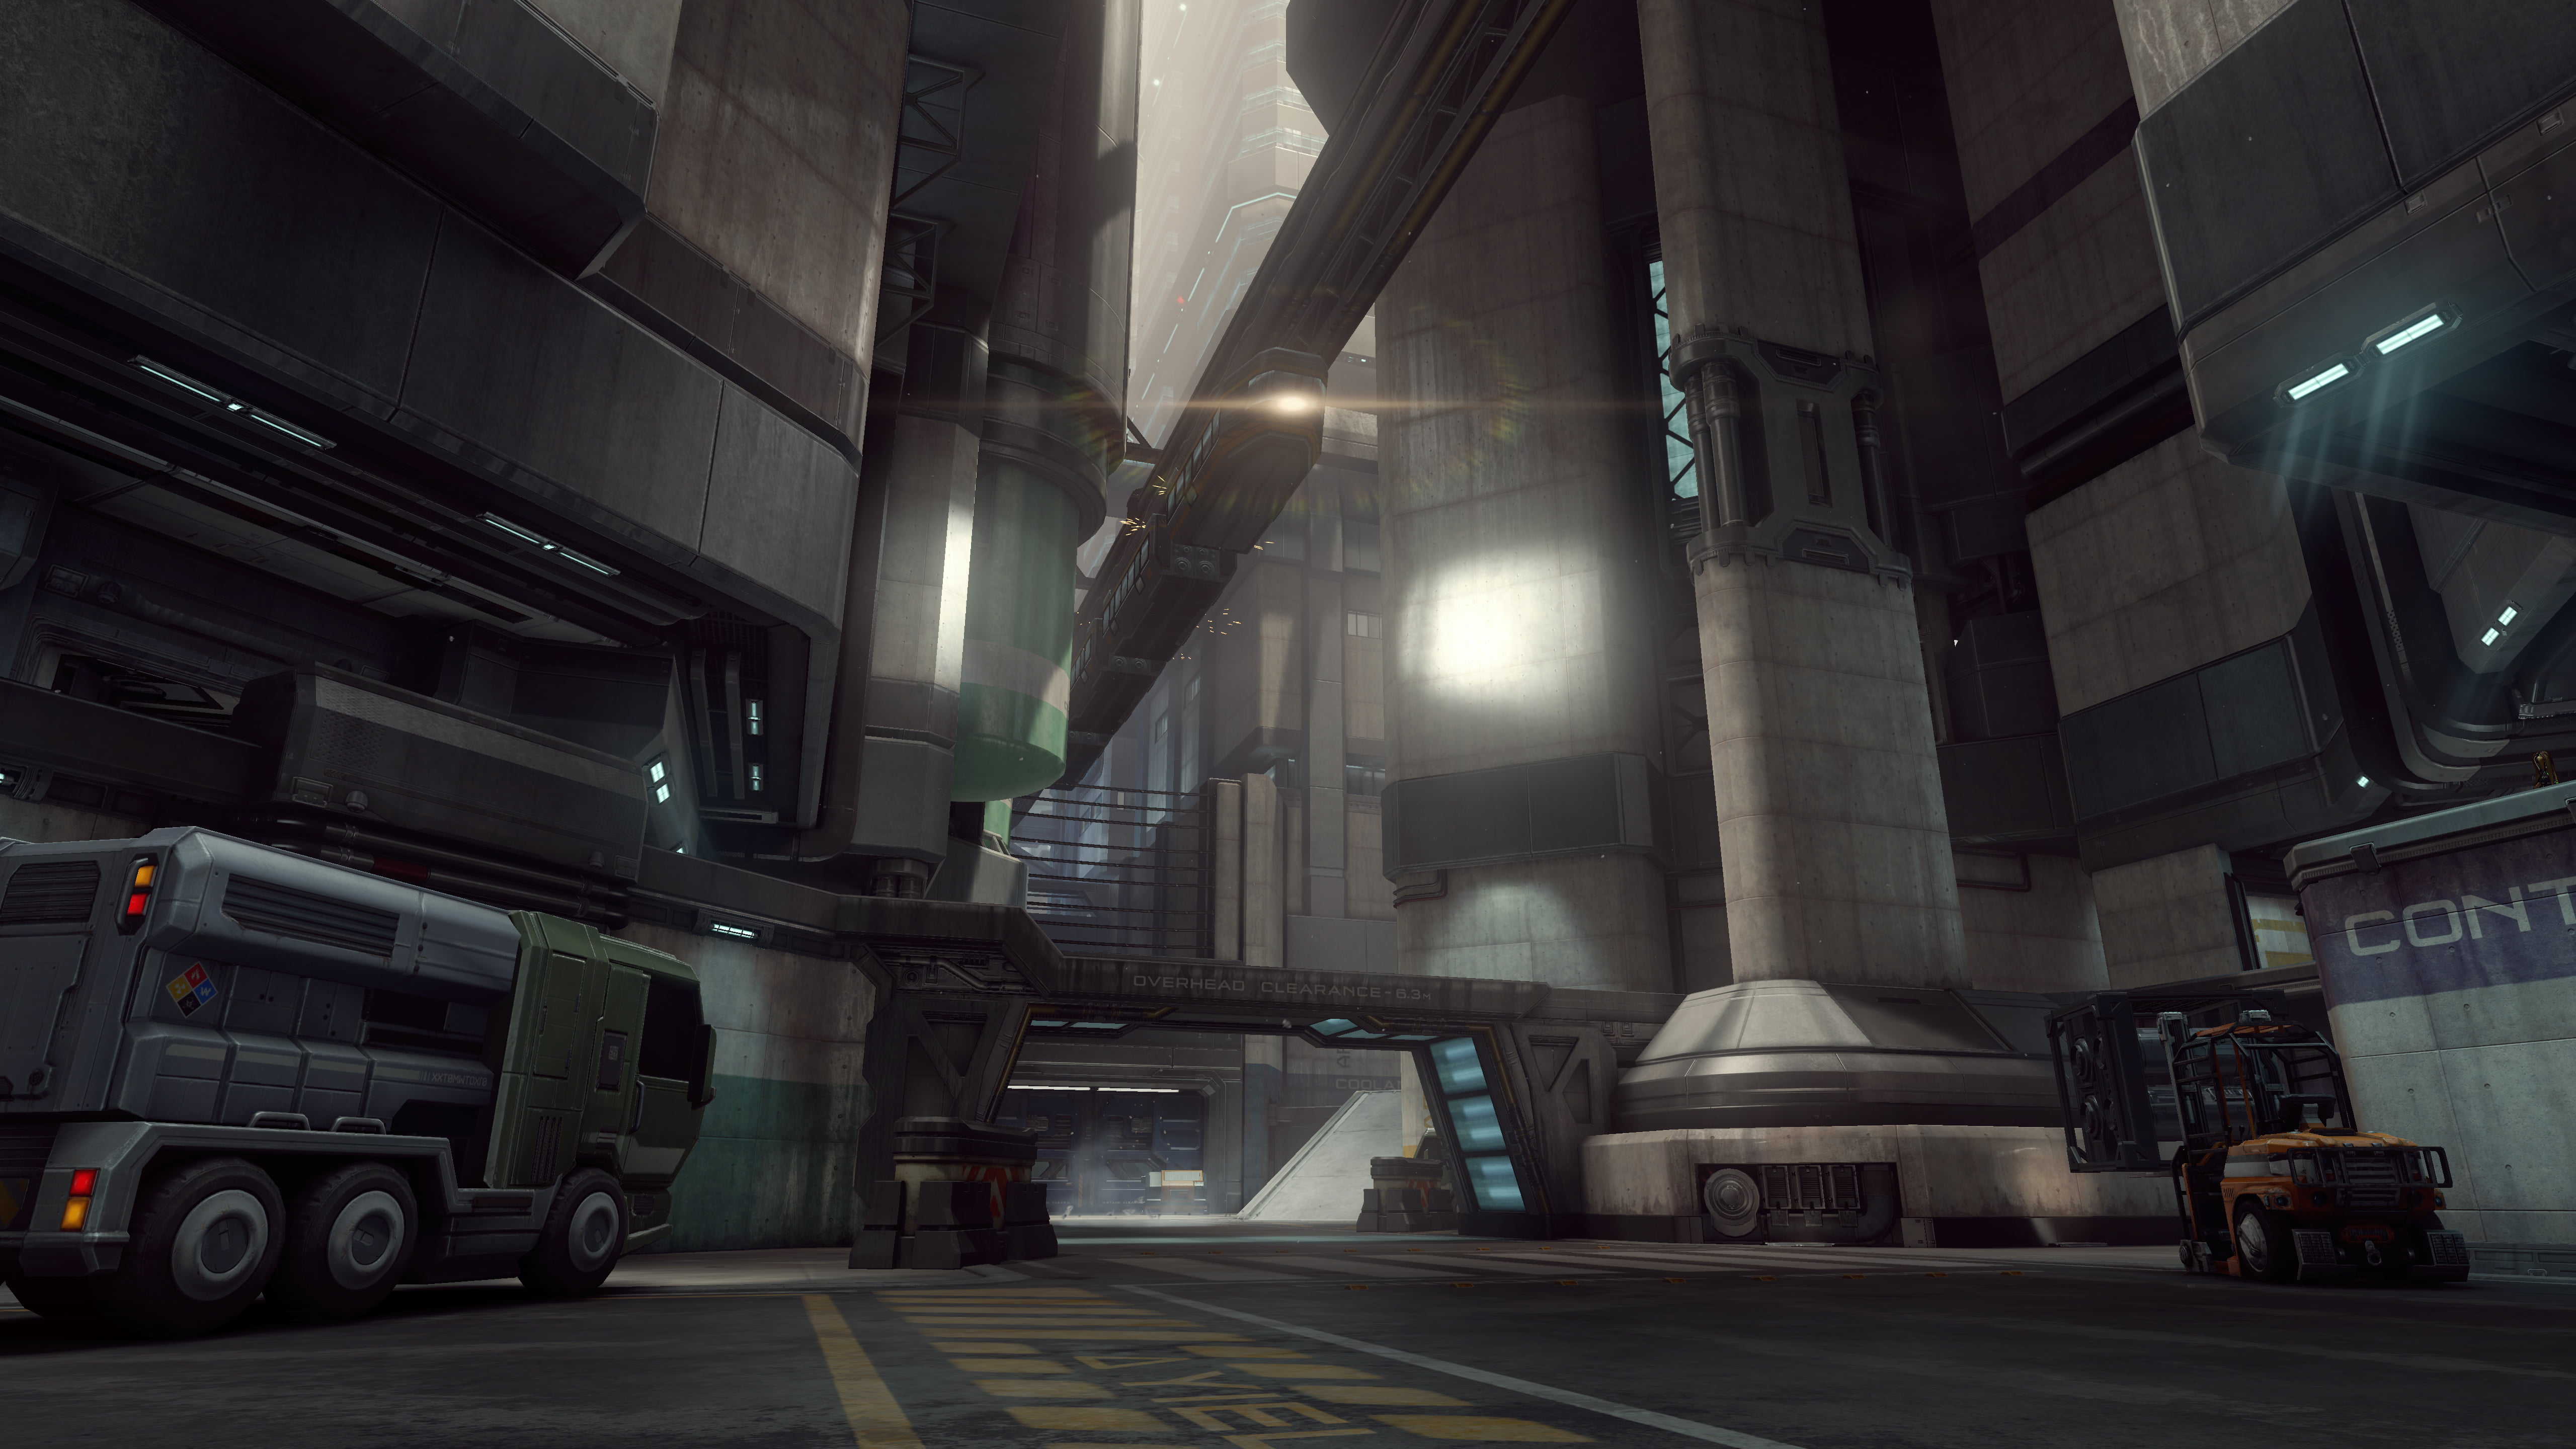 Halo 4 matchmaking maps